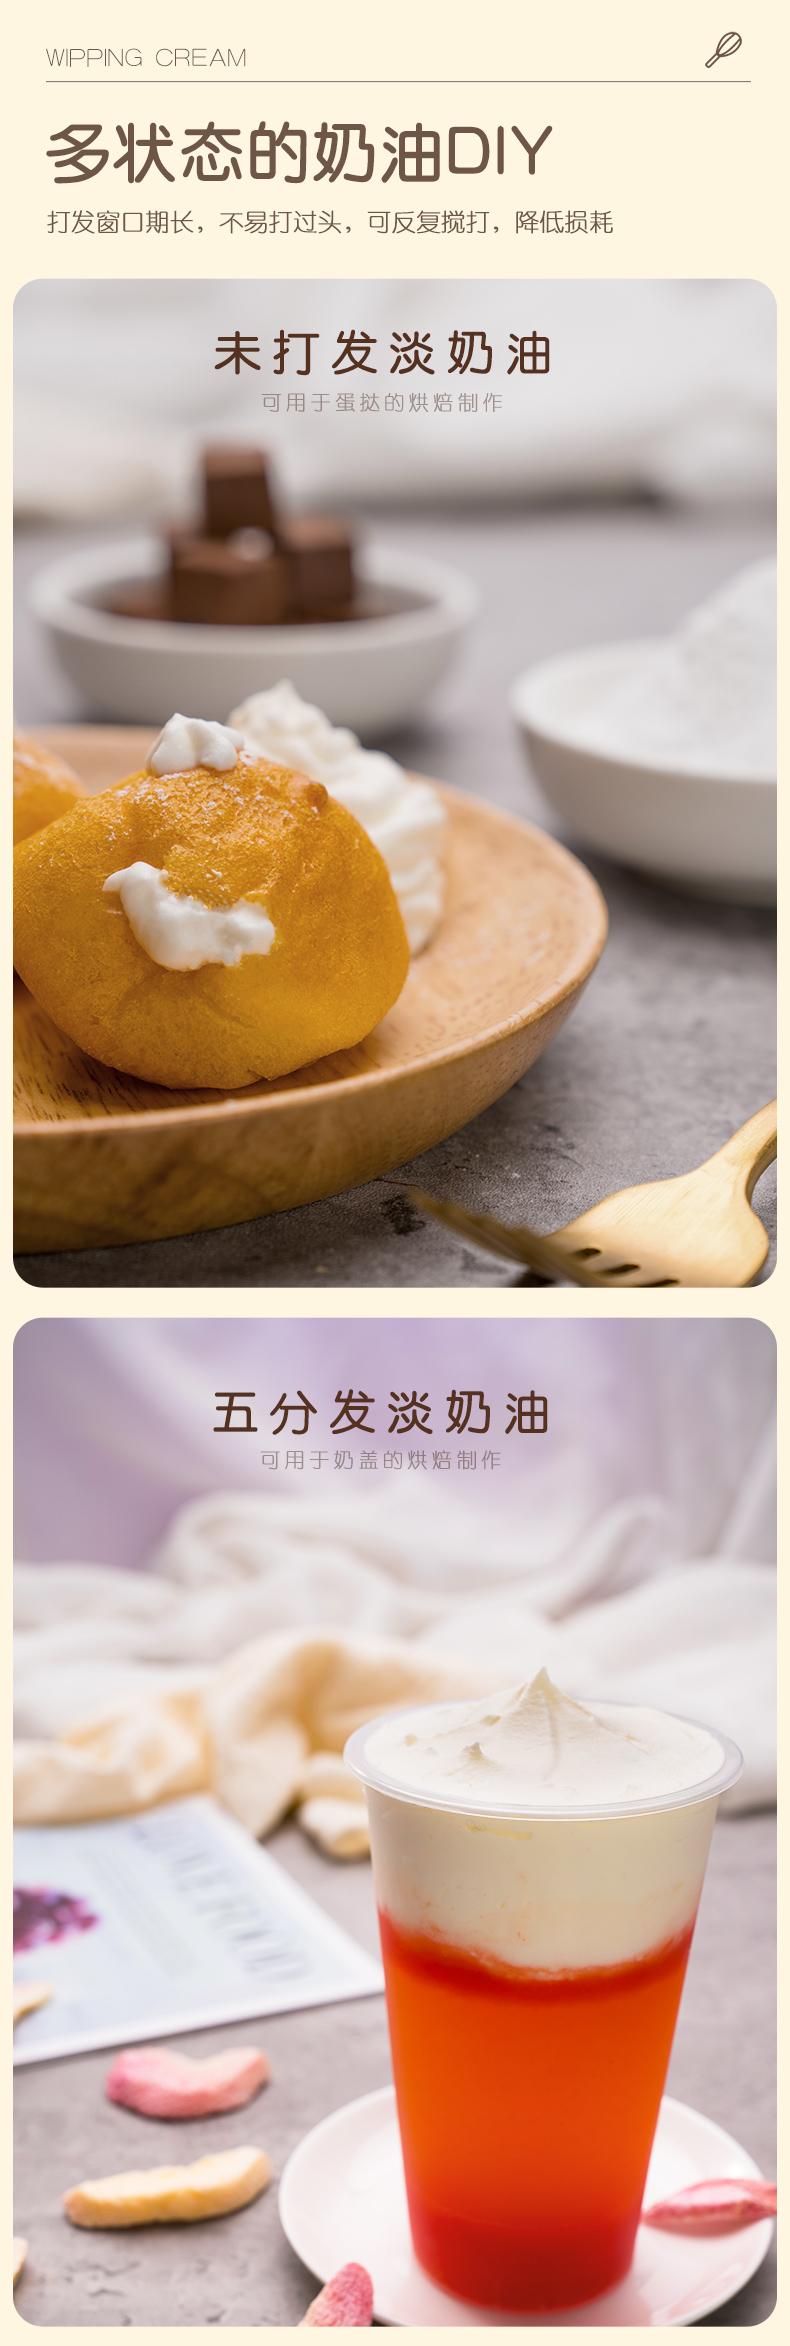 伊利 纯乳脂动物淡奶油 1L*2盒 在家做出冰淇淋 图6